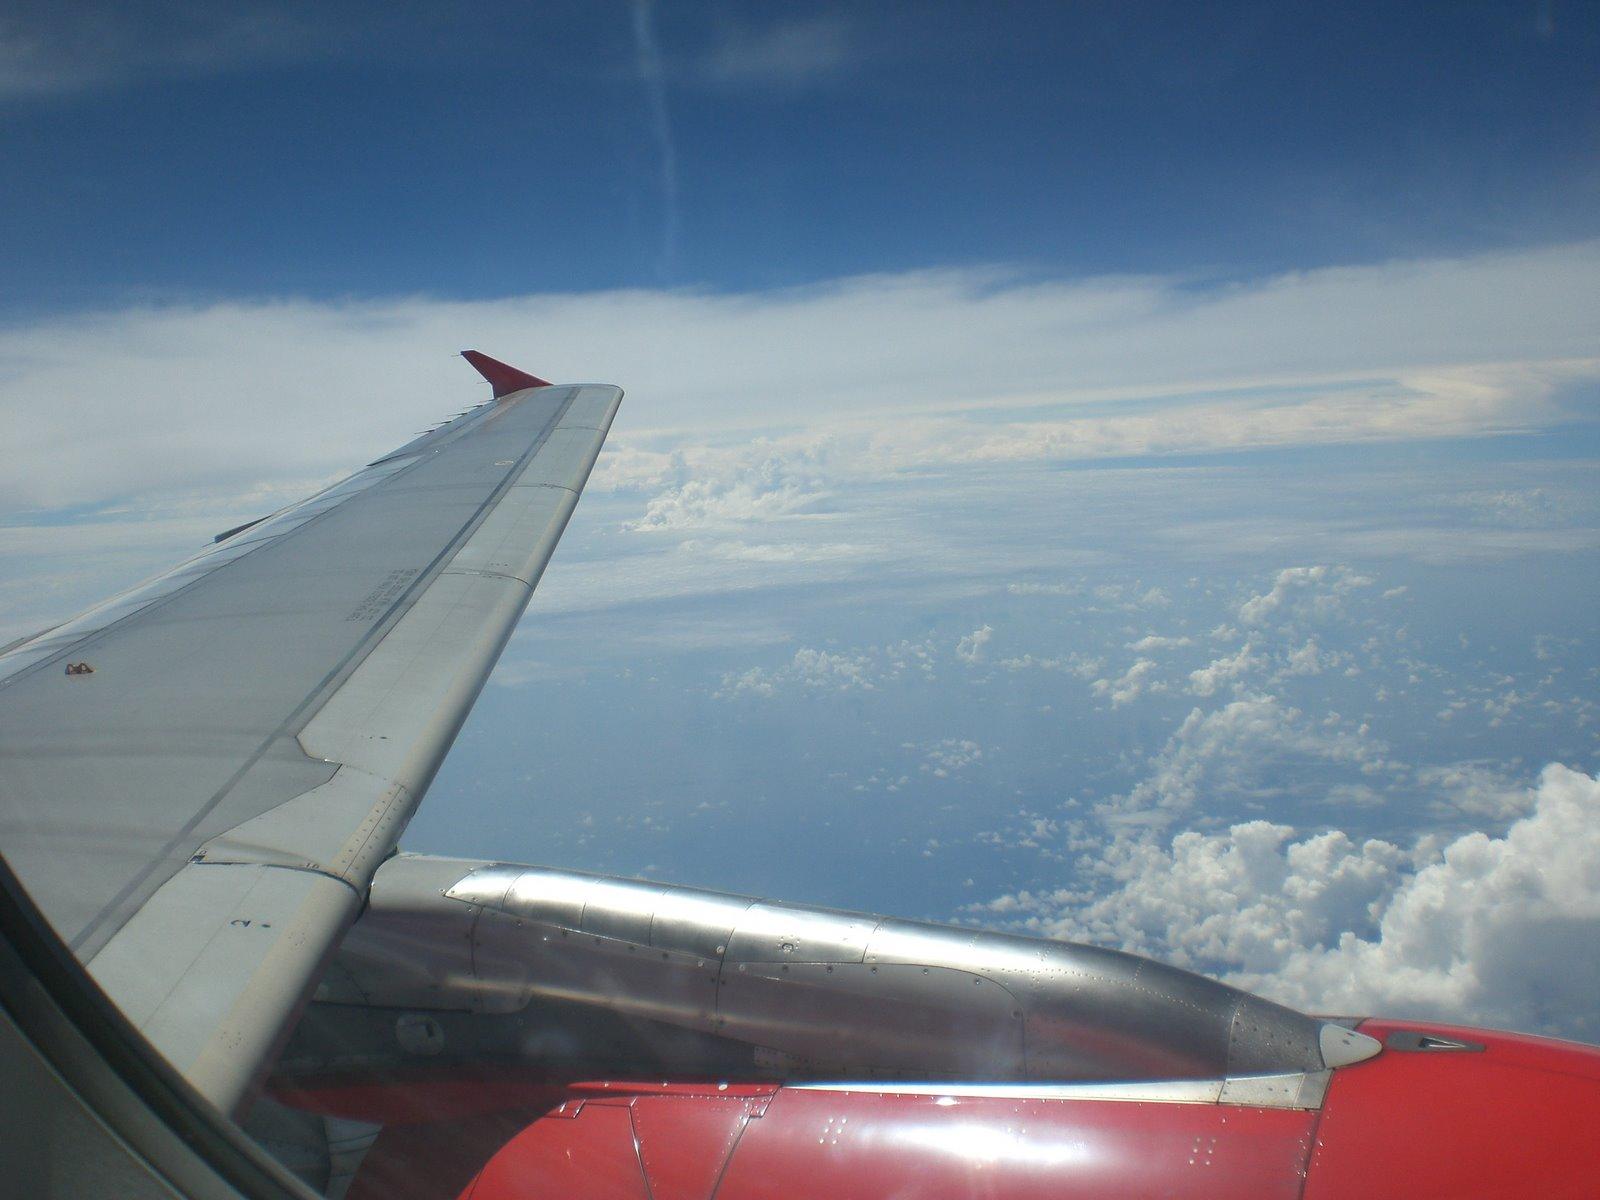 [flight1.JPG]